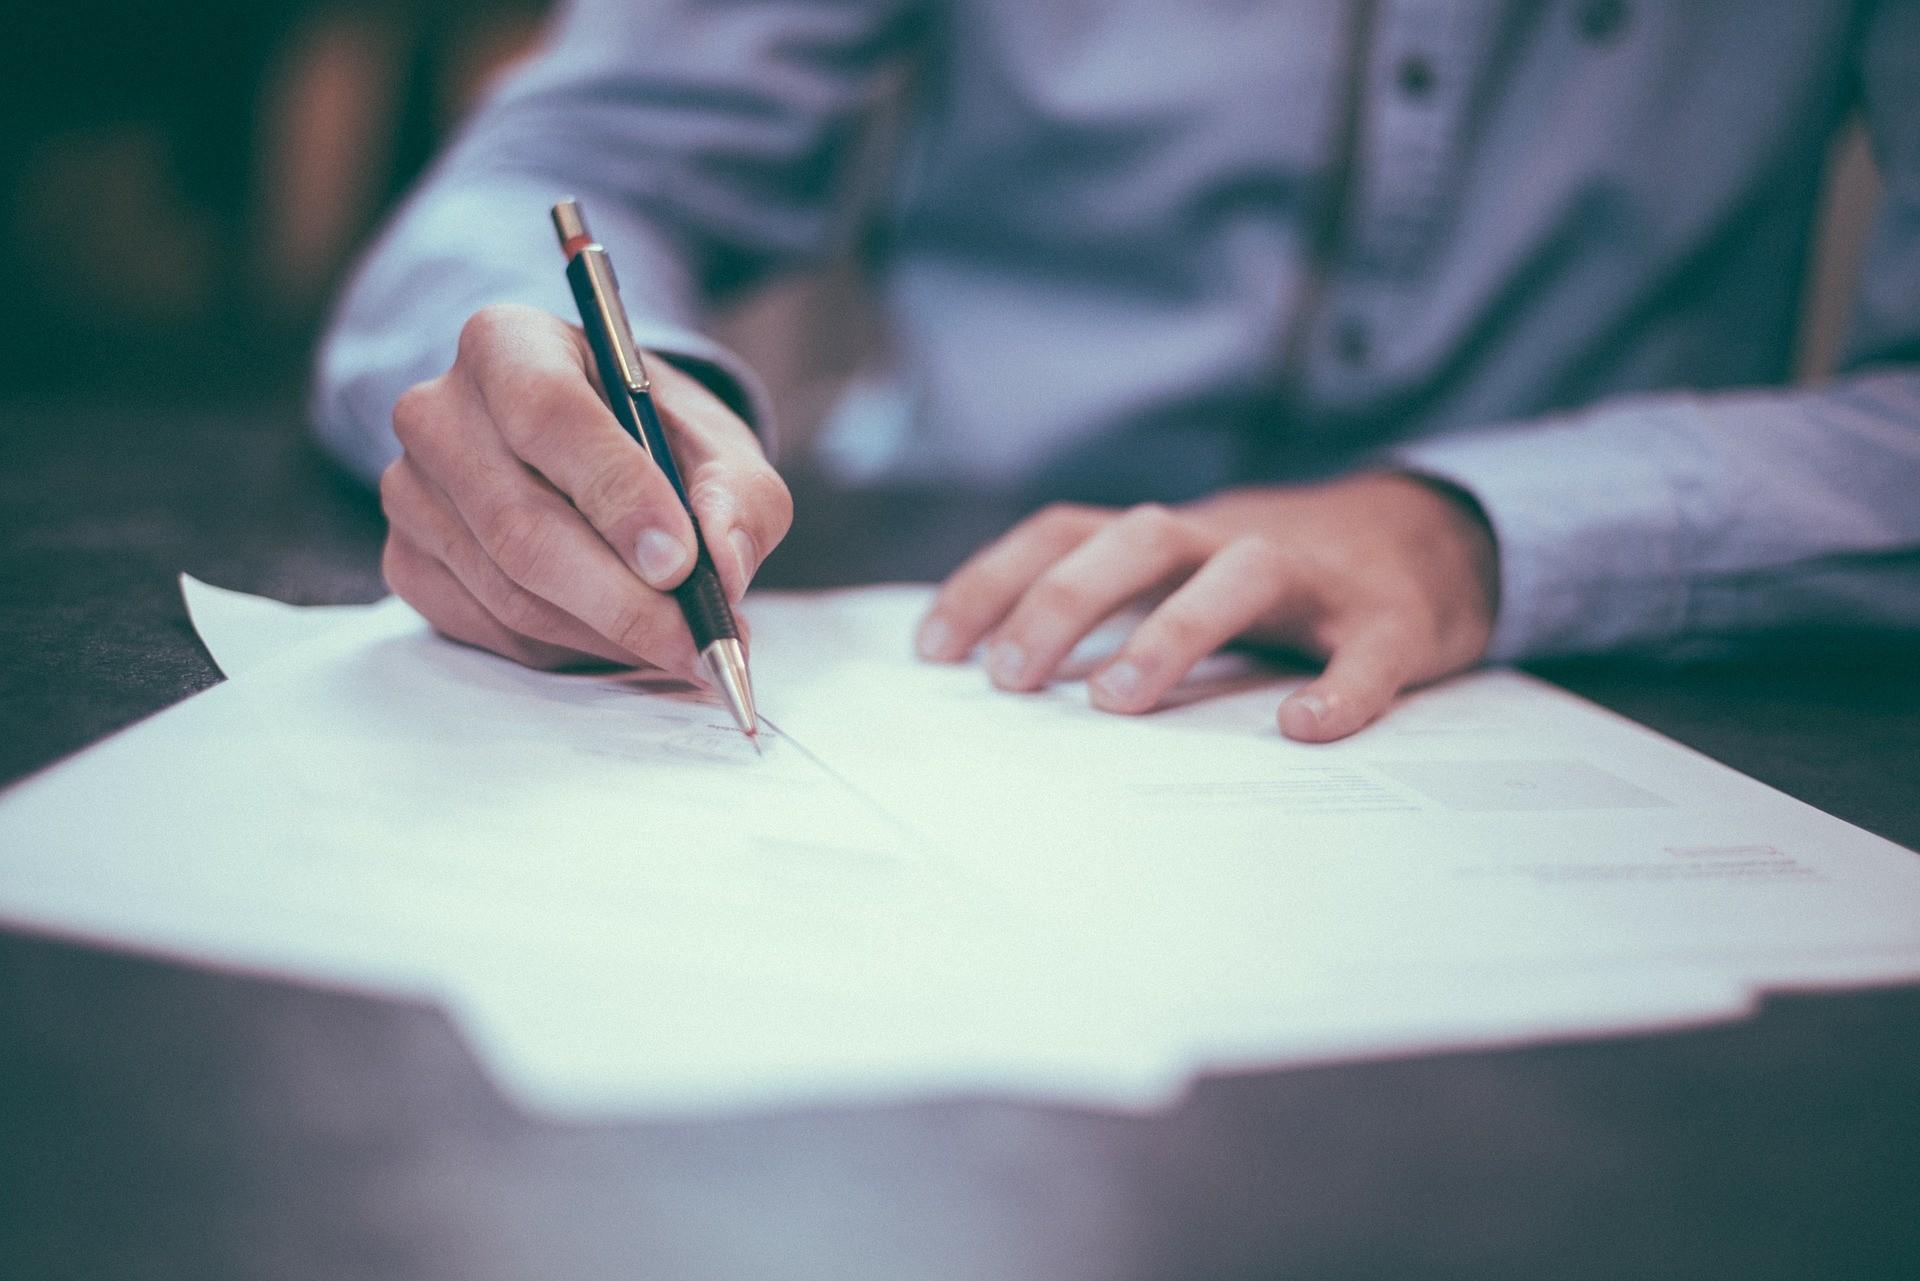 Umowa sprzedaży samochodu – zwróć uwagę na szczegóły!